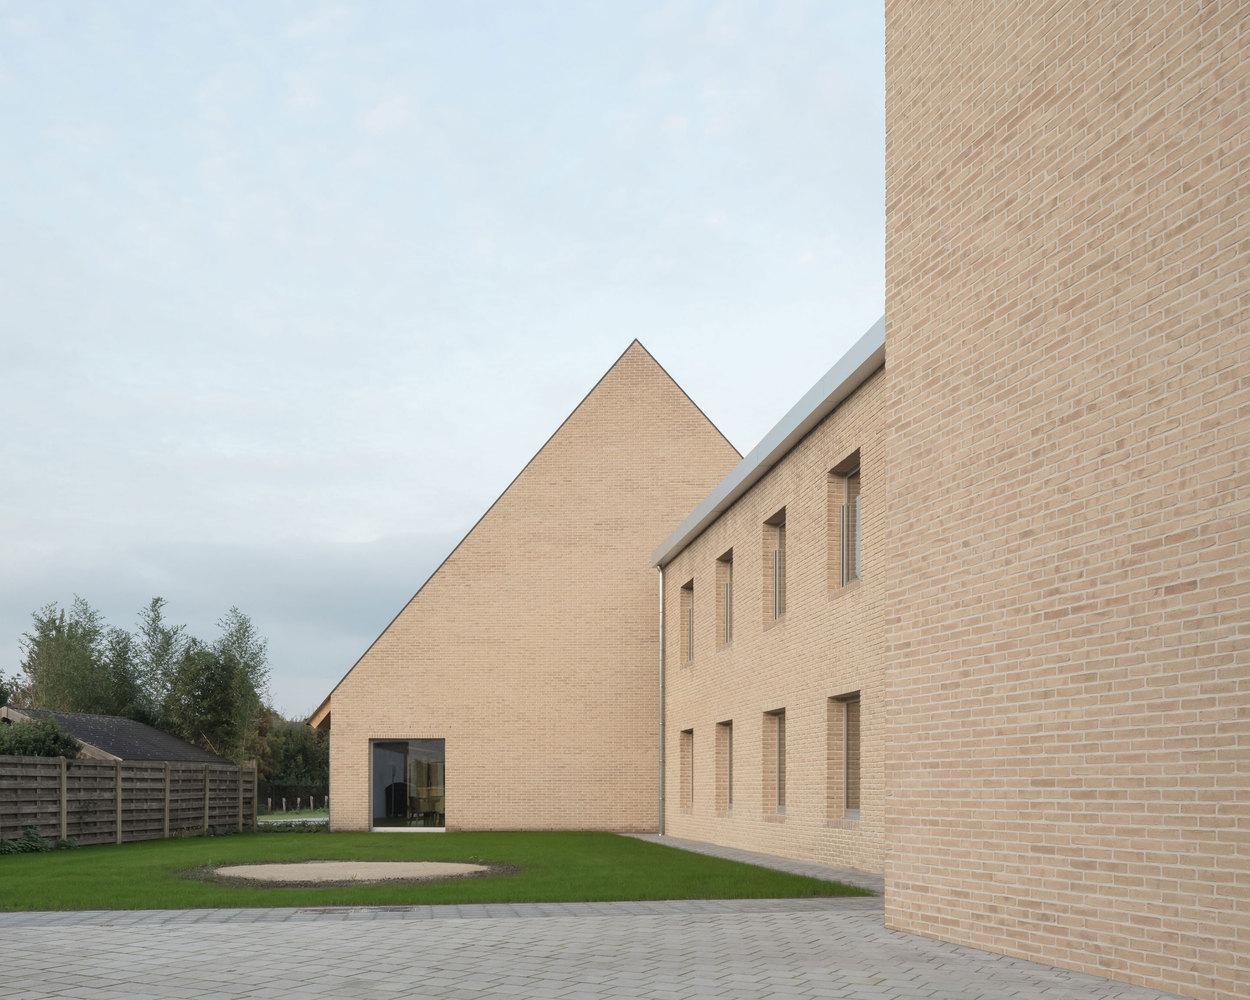 De Schoor Turnhout Community Center / TRANS architectuur I stedenbouw